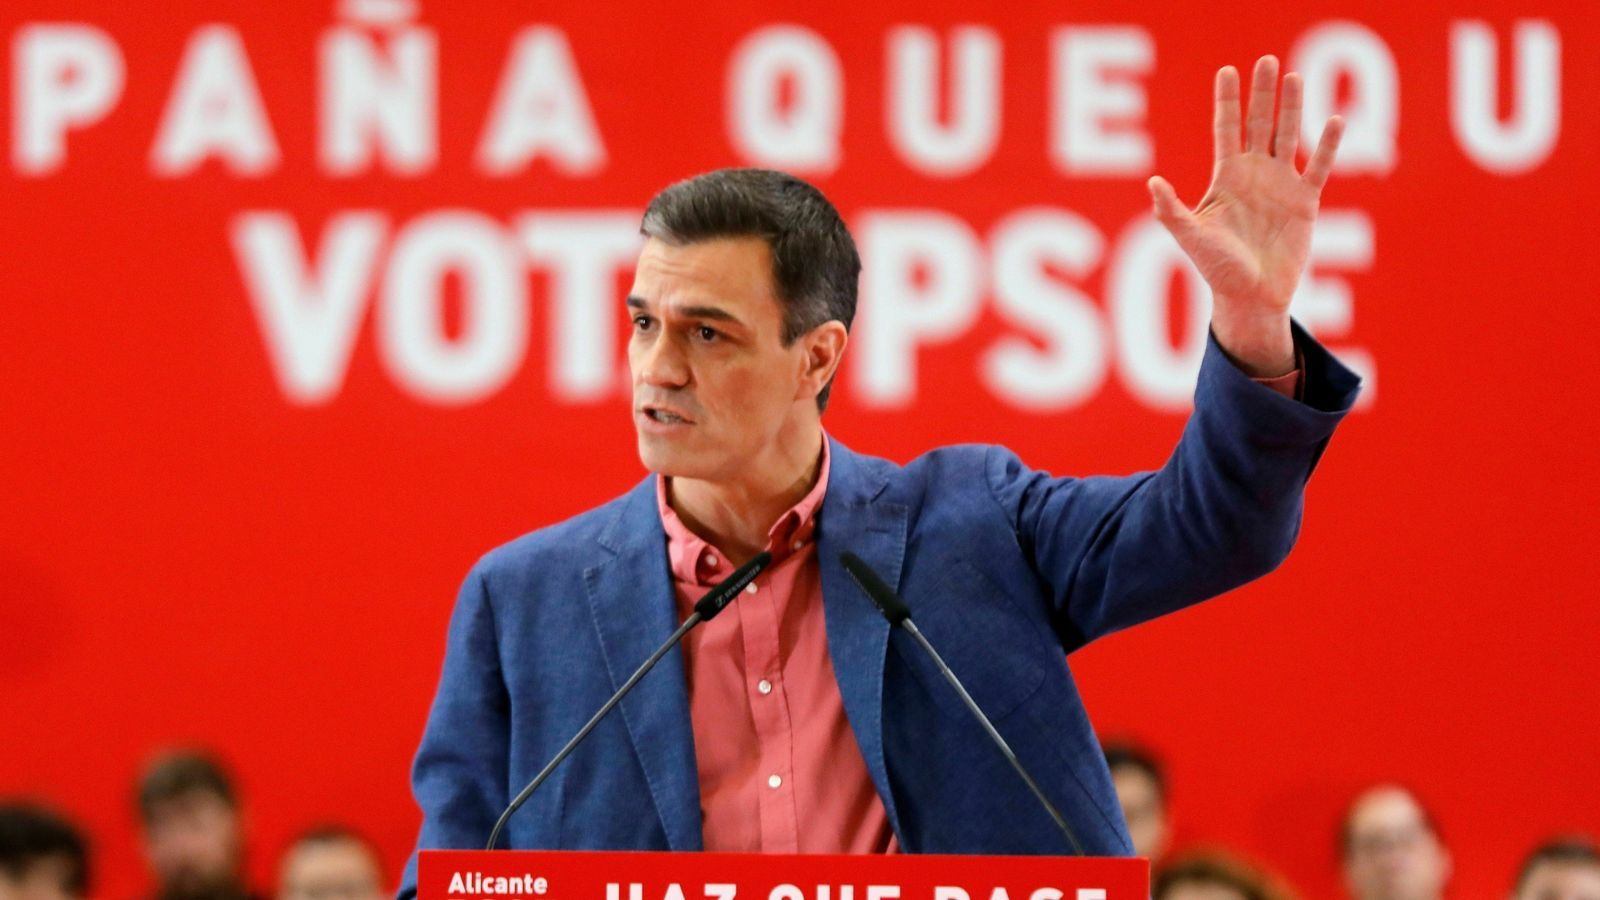 El PSOE concentra el vot i allunya  la dreta